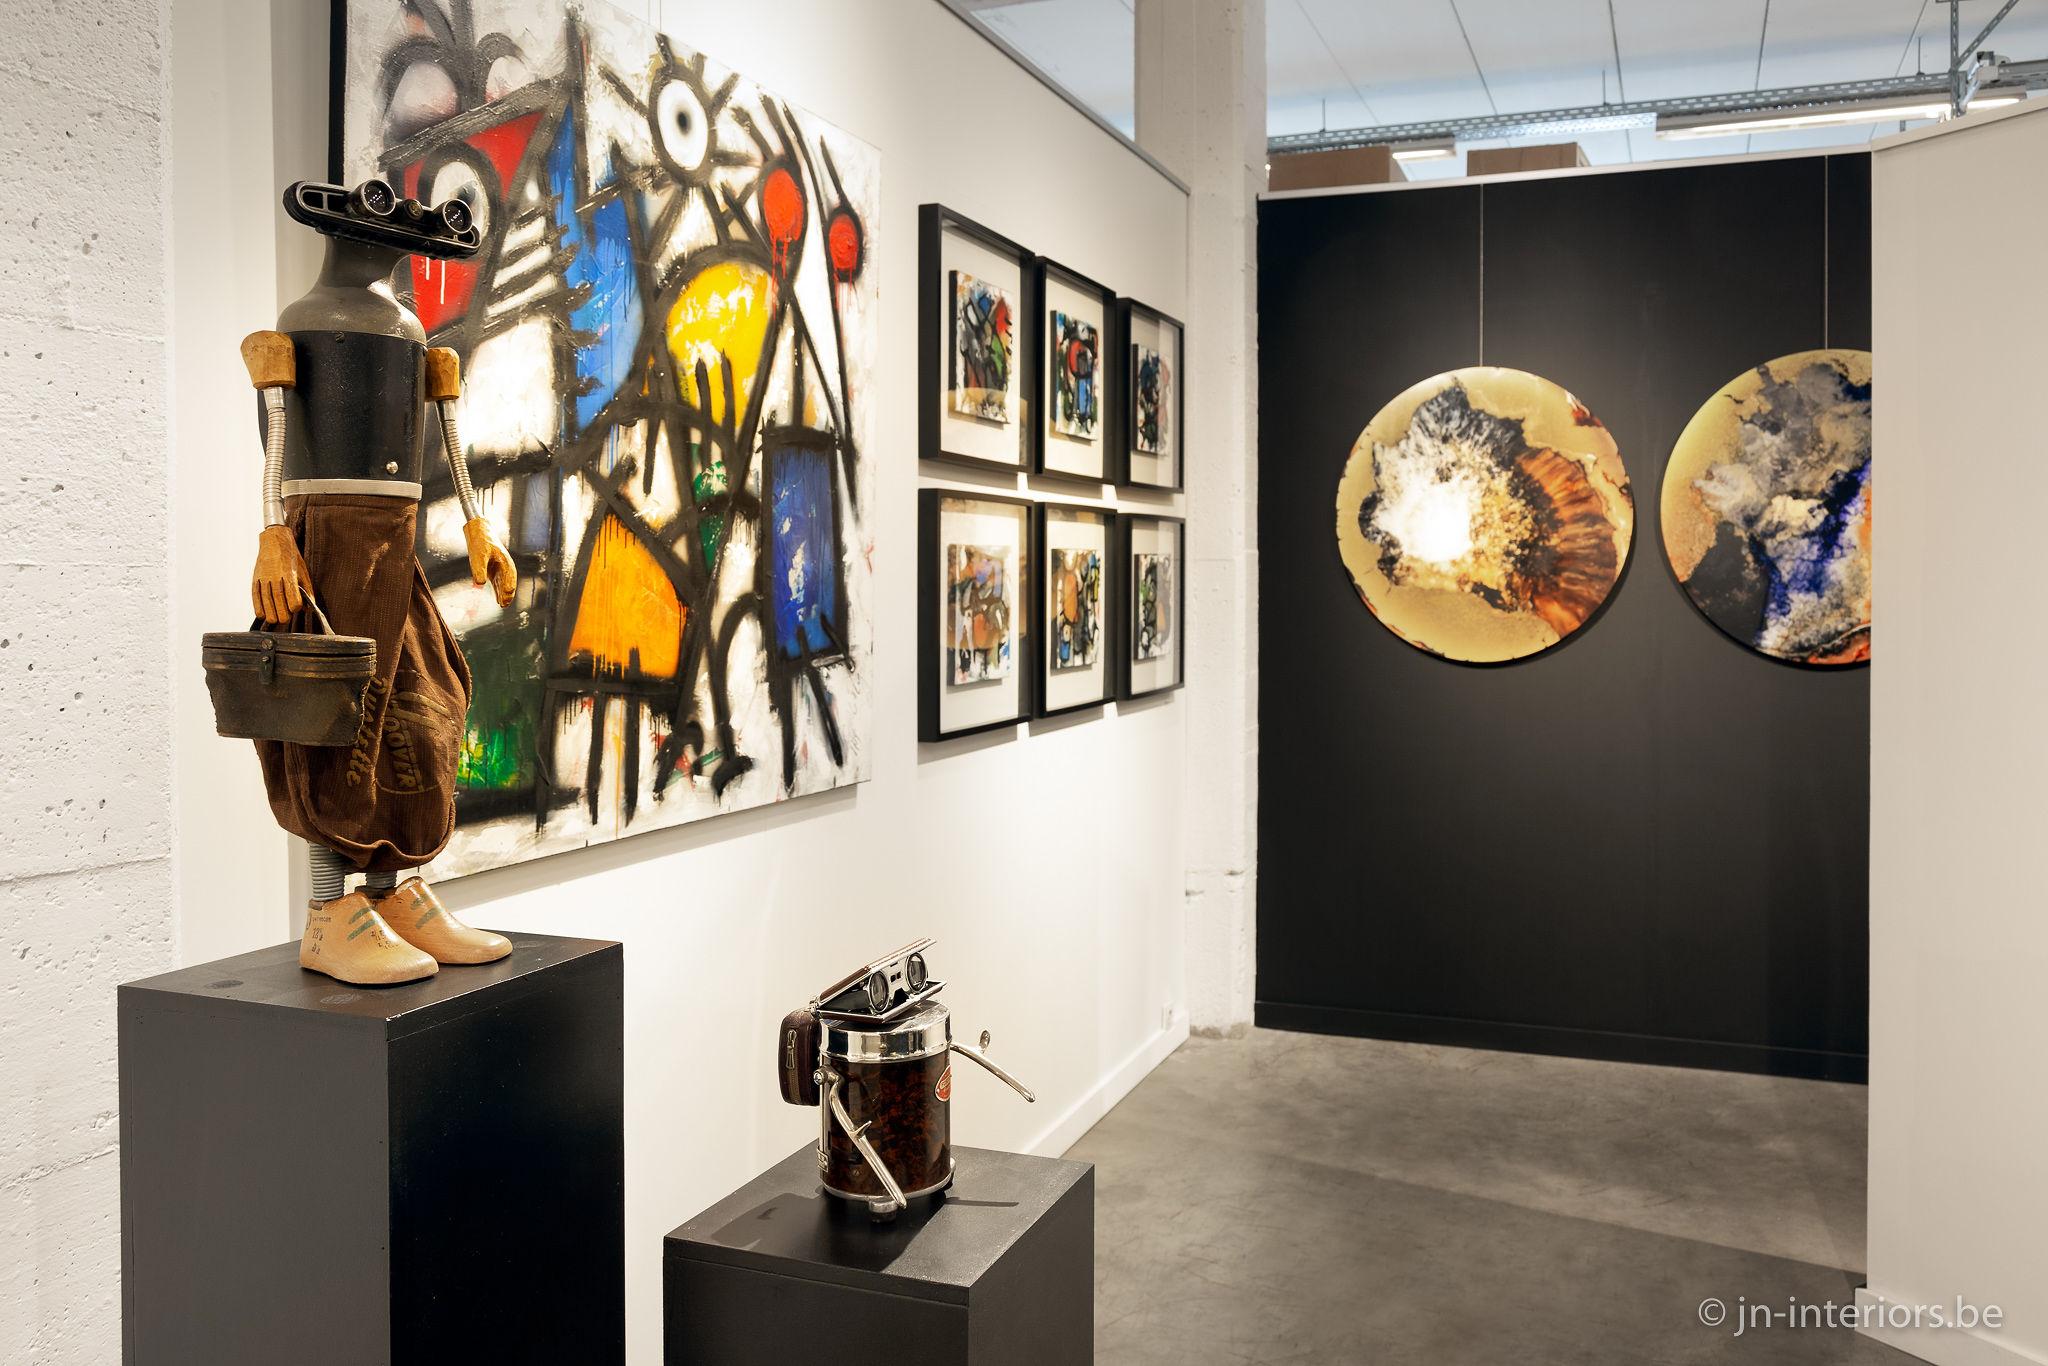 tableaux colorés, art abstrait, décoration ronde, cadres déco, sculpture robot, peinture, artiste belge, jn interiors, magasin de décoration belgique,